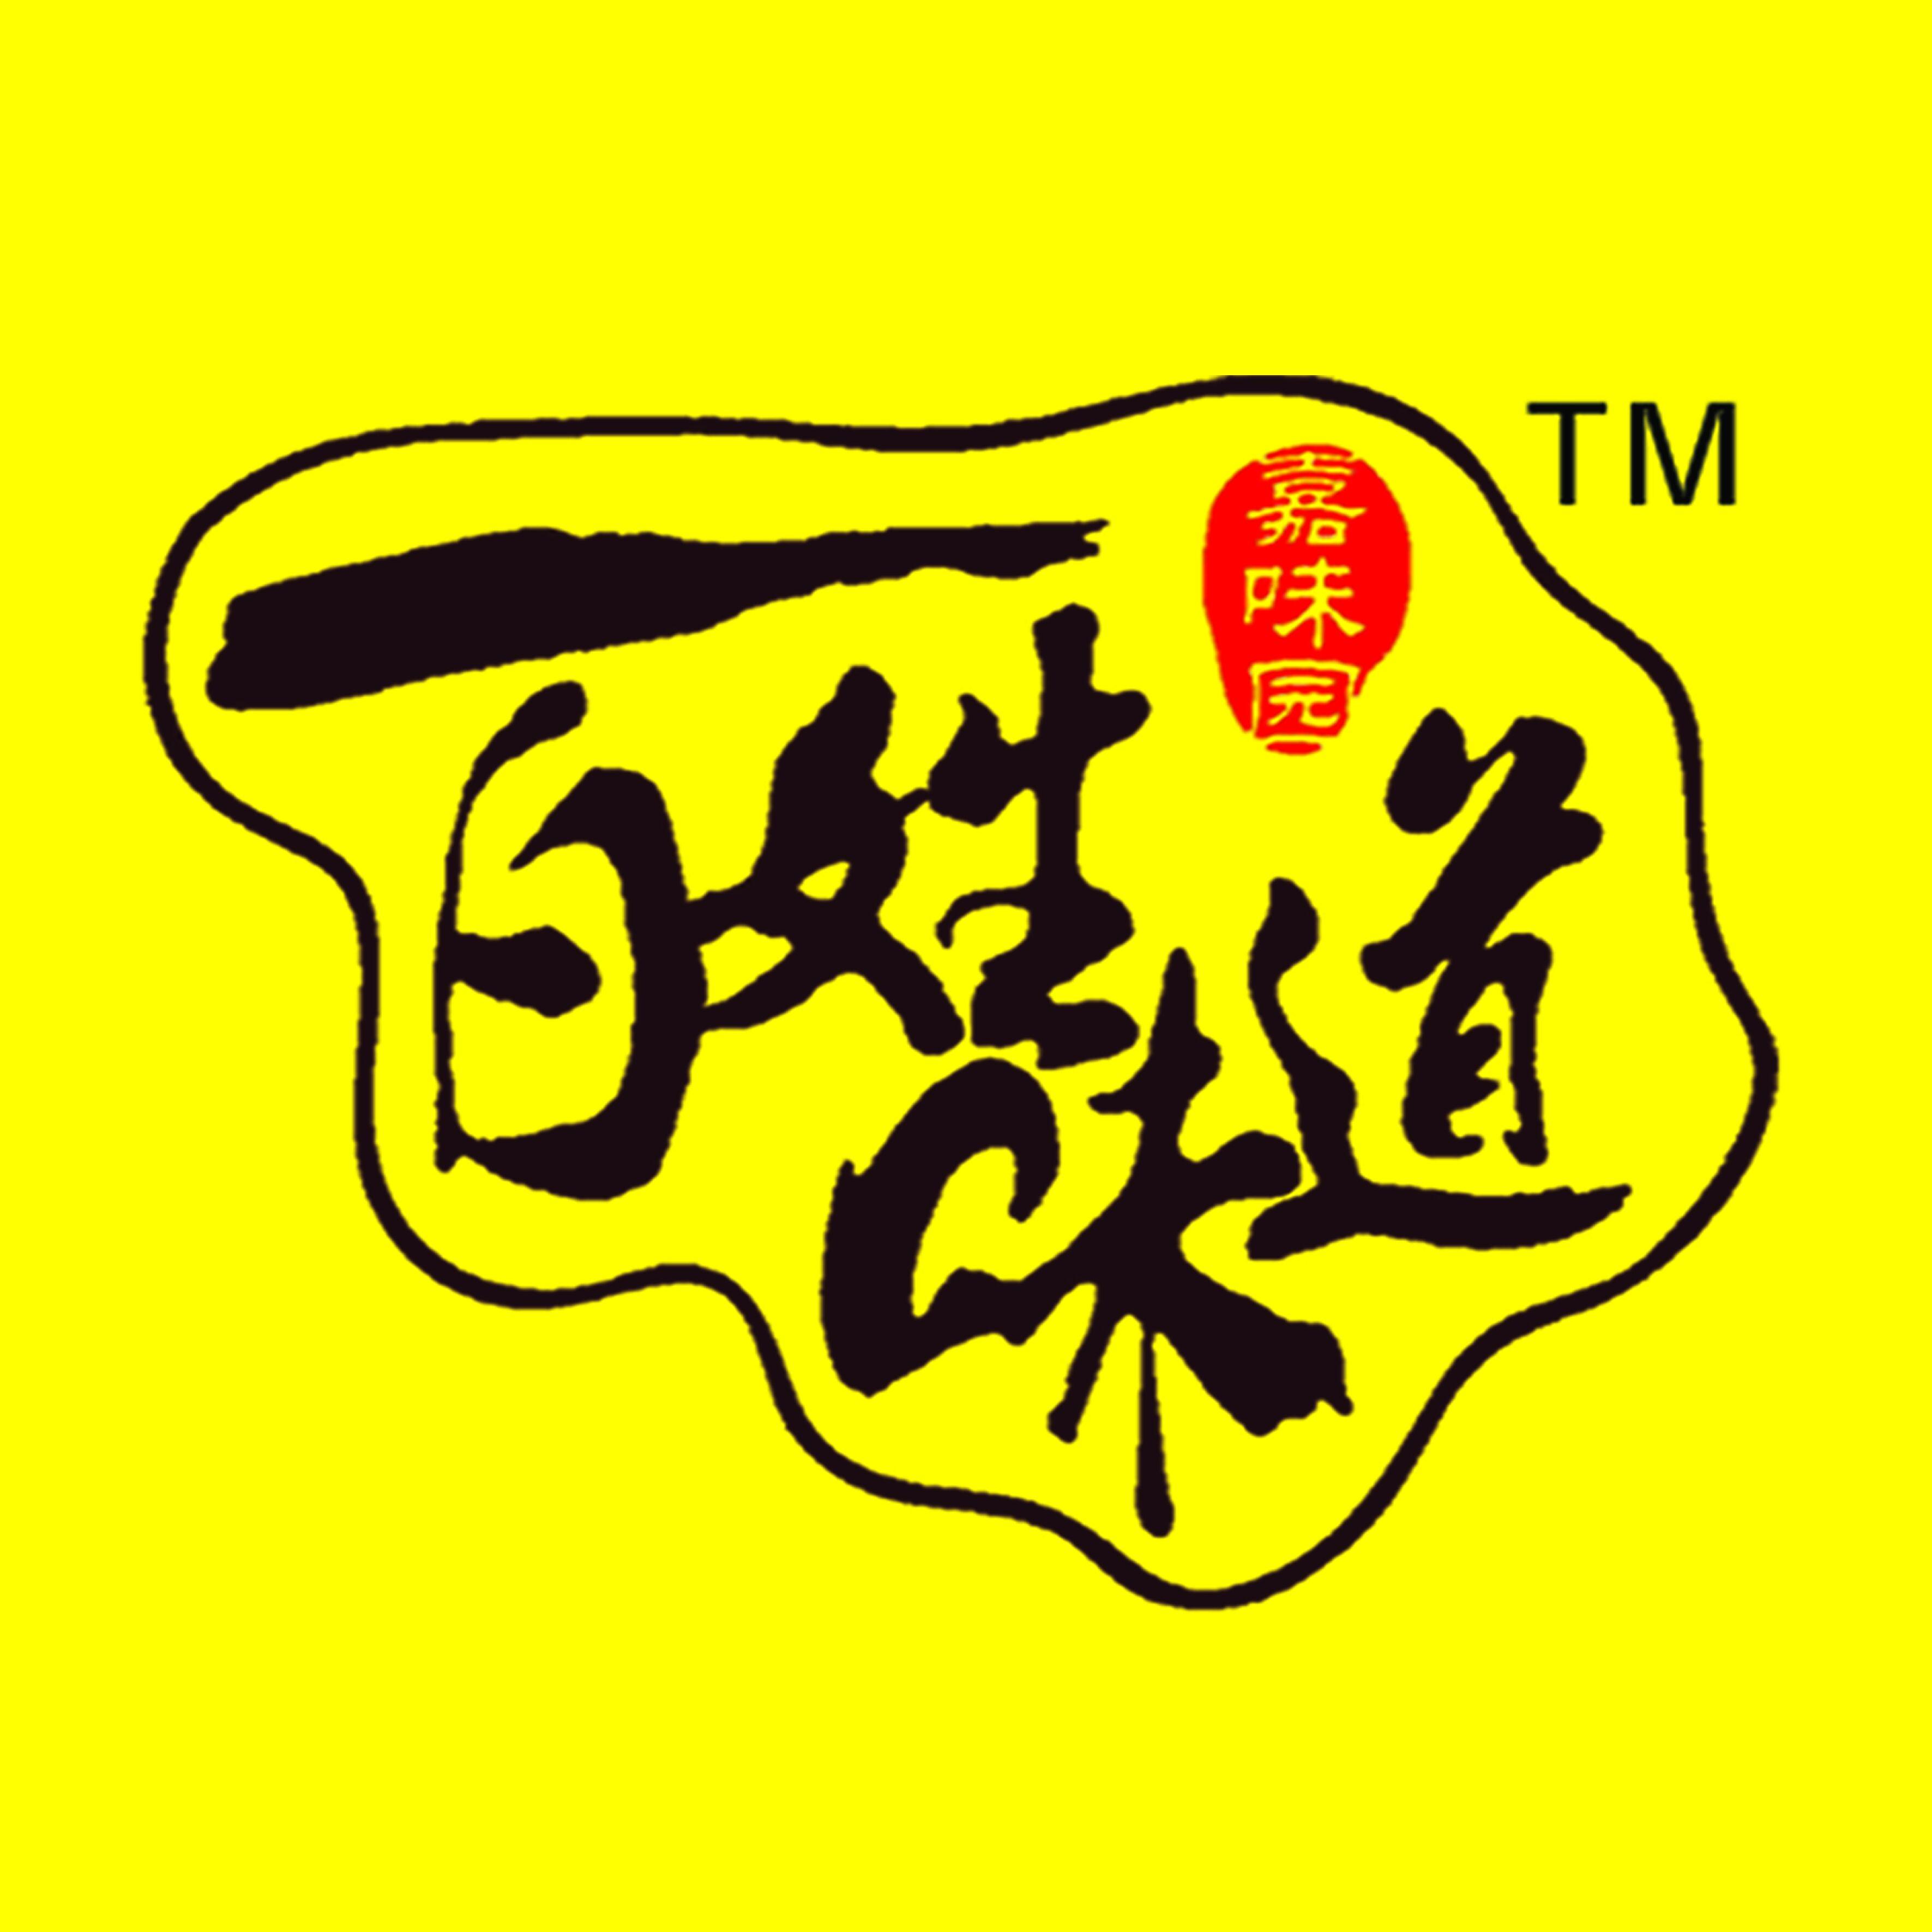 本站官方微信投票参与方式 1、给微内乡发送:食神,打开页面,找到你支持的美食店,即可为她投上友情的一票,每天一次,每次可连投5票。 时间:12月13-1月2日 2、关注菊潭古街微信公众号:香港汇志(微信号xghz2015),回复:食神,同样方式即可投票。 3、网友们可直接在招商部设置的投票箱内投票,选出自己最喜爱的美食,也可现场购买品尝后选出喜爱的美食,得分最高的前16名商家进入决赛。选票上写明顾客姓名电话等基本资料,顾客后期也可以参加抽奖。 您也可以在微信中发送投票1102302直接为百姓味道牛肉投票